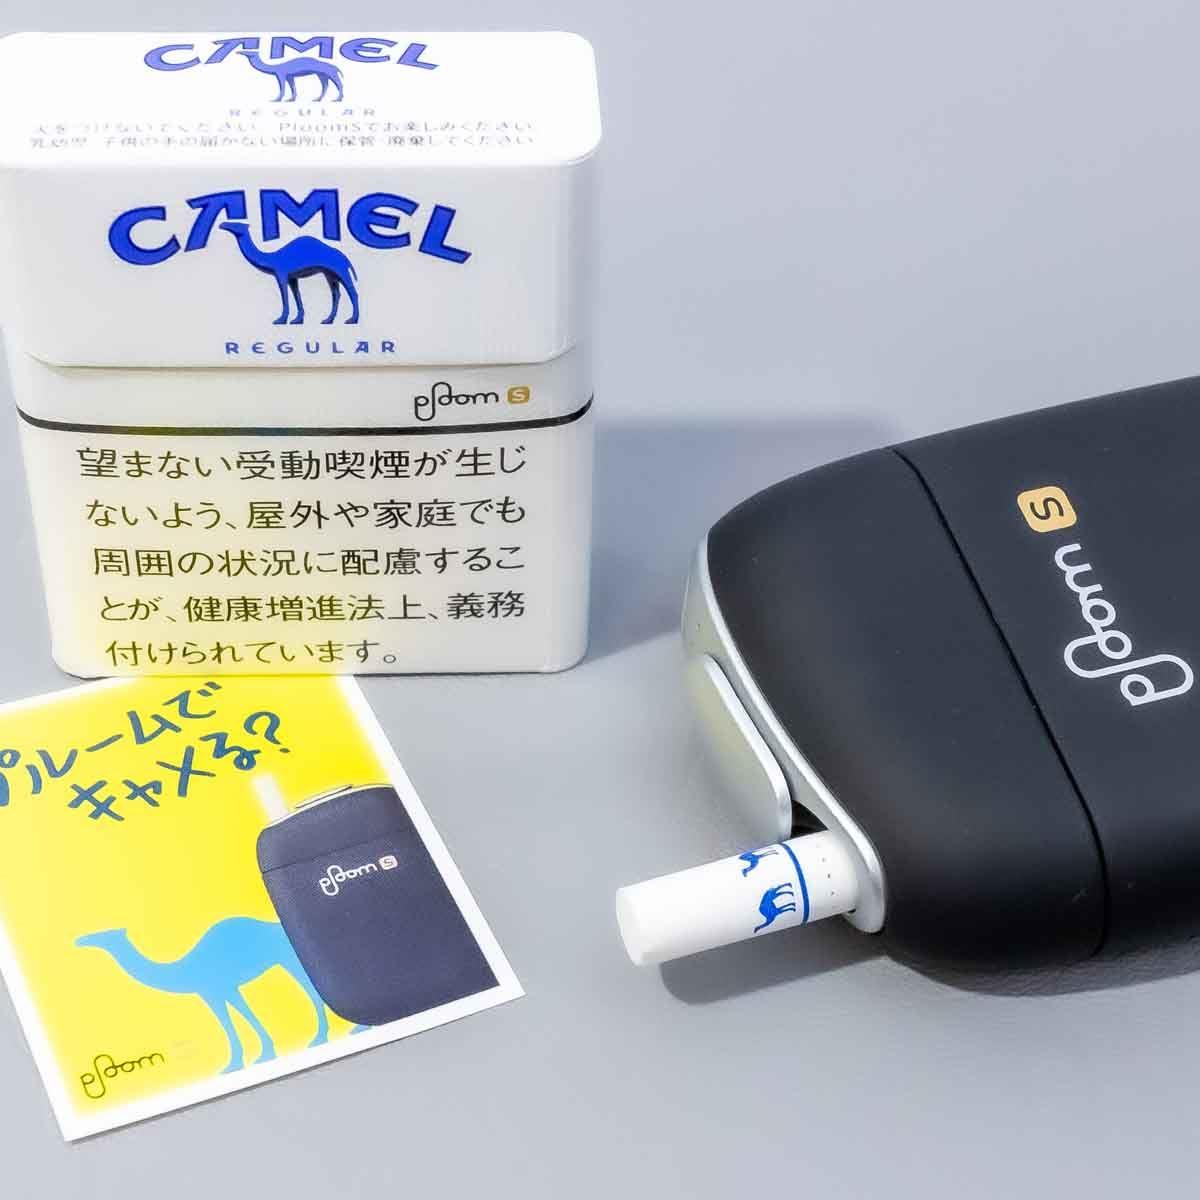 電子 タバコ キャメル